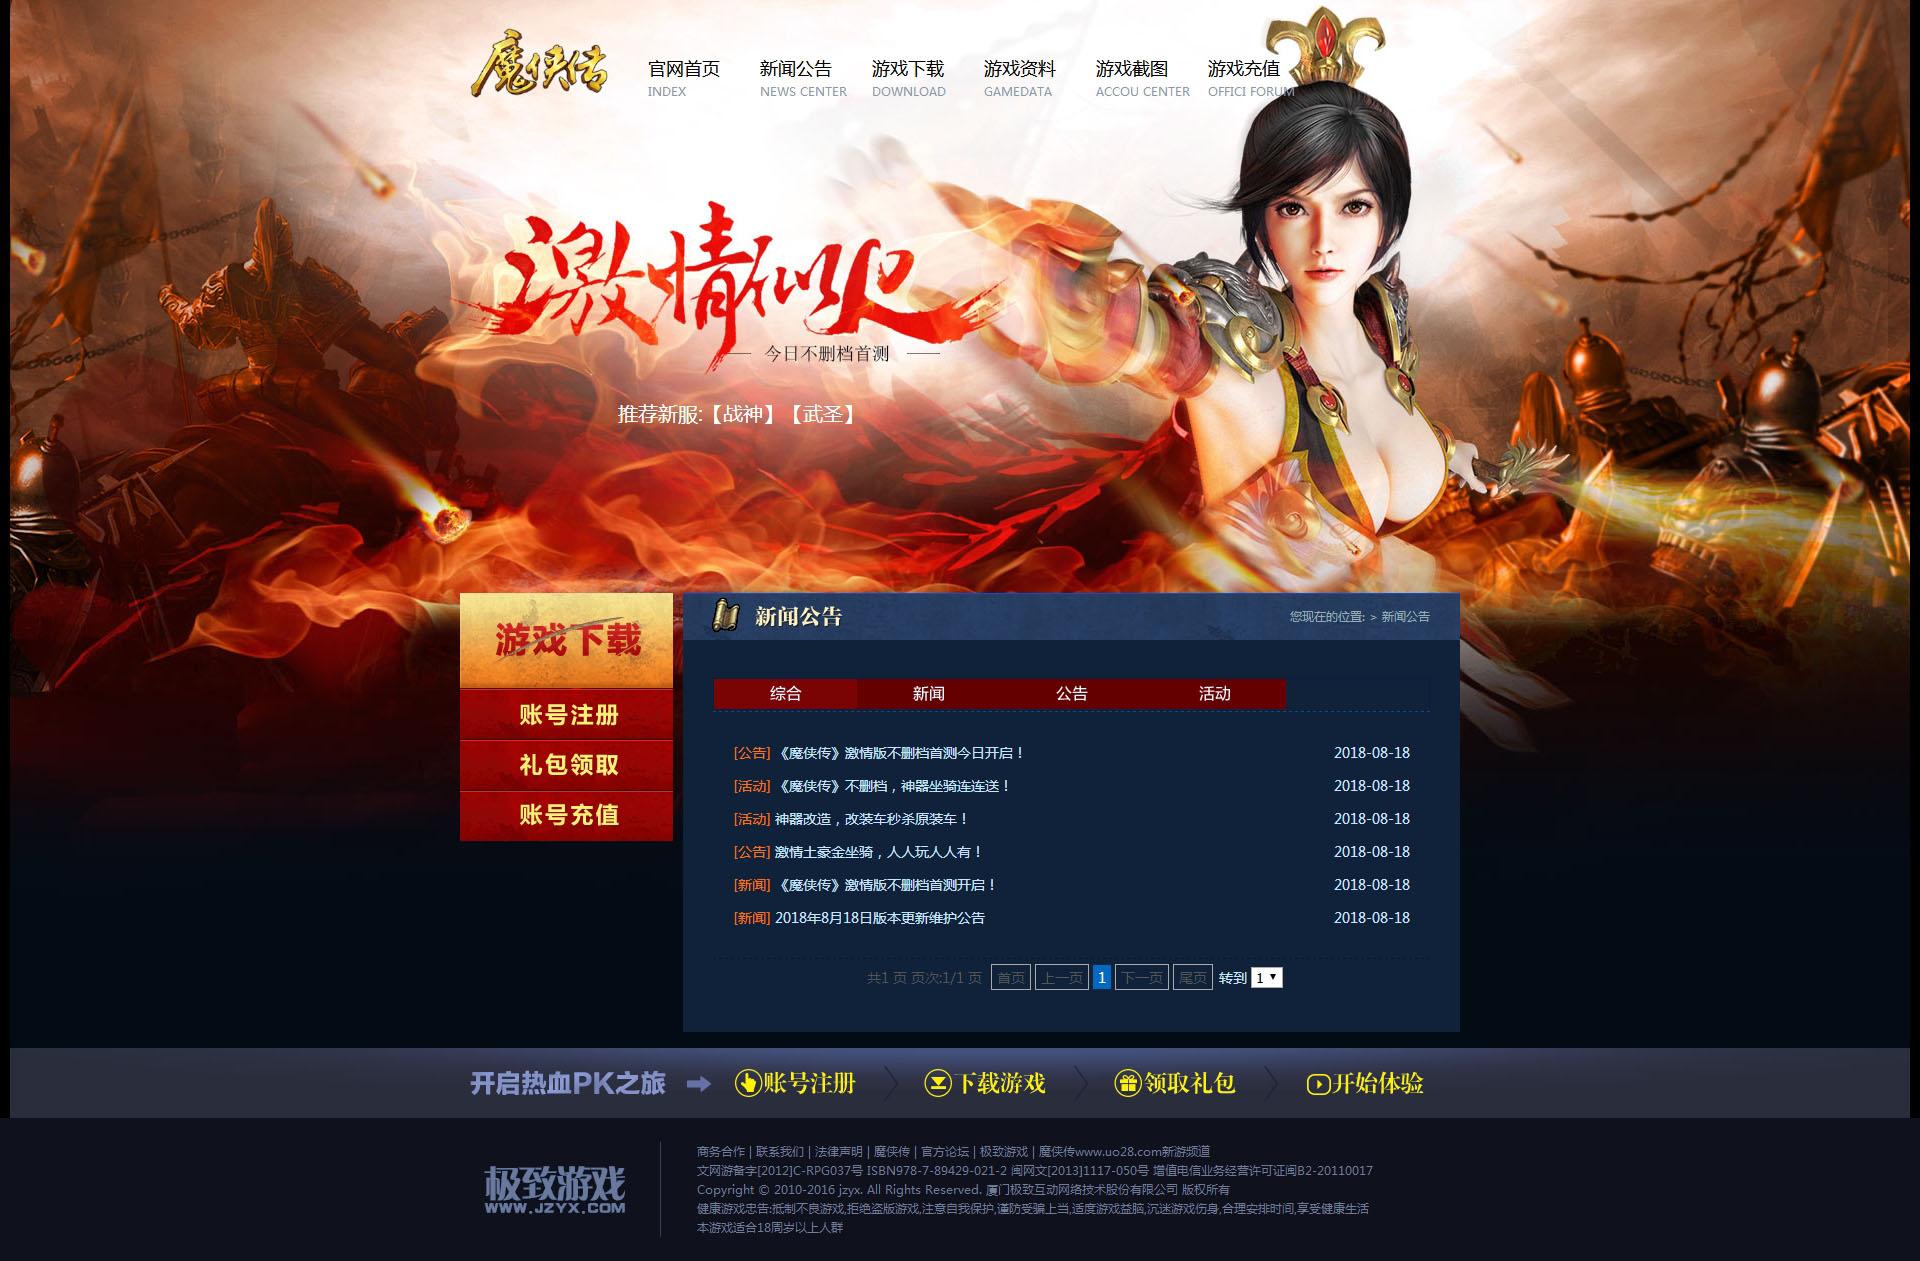 魔侠传模板 传奇模板一条龙 游戏网站模板 ASP网站模板 带后台魔侠传模板 传奇模板一条龙 游戏网站模板 ASP网站模板 带后台